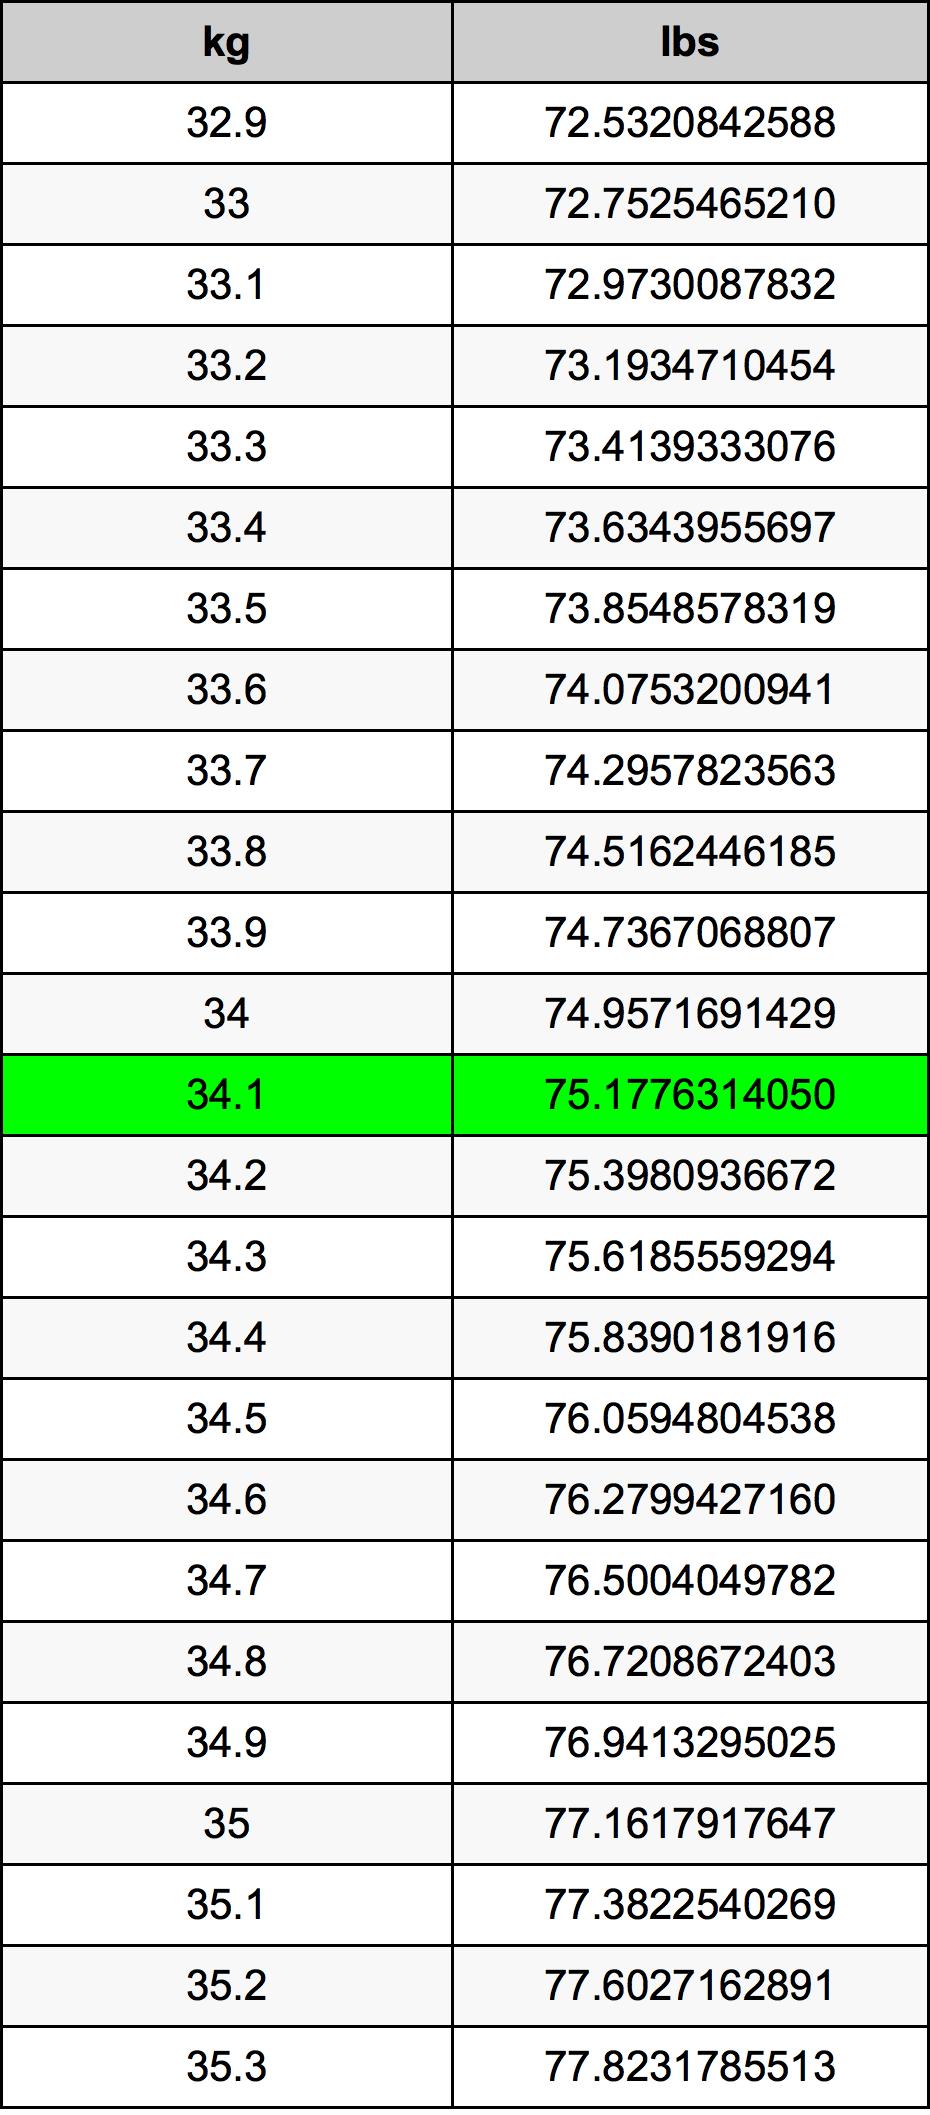 34.1 千克换算表